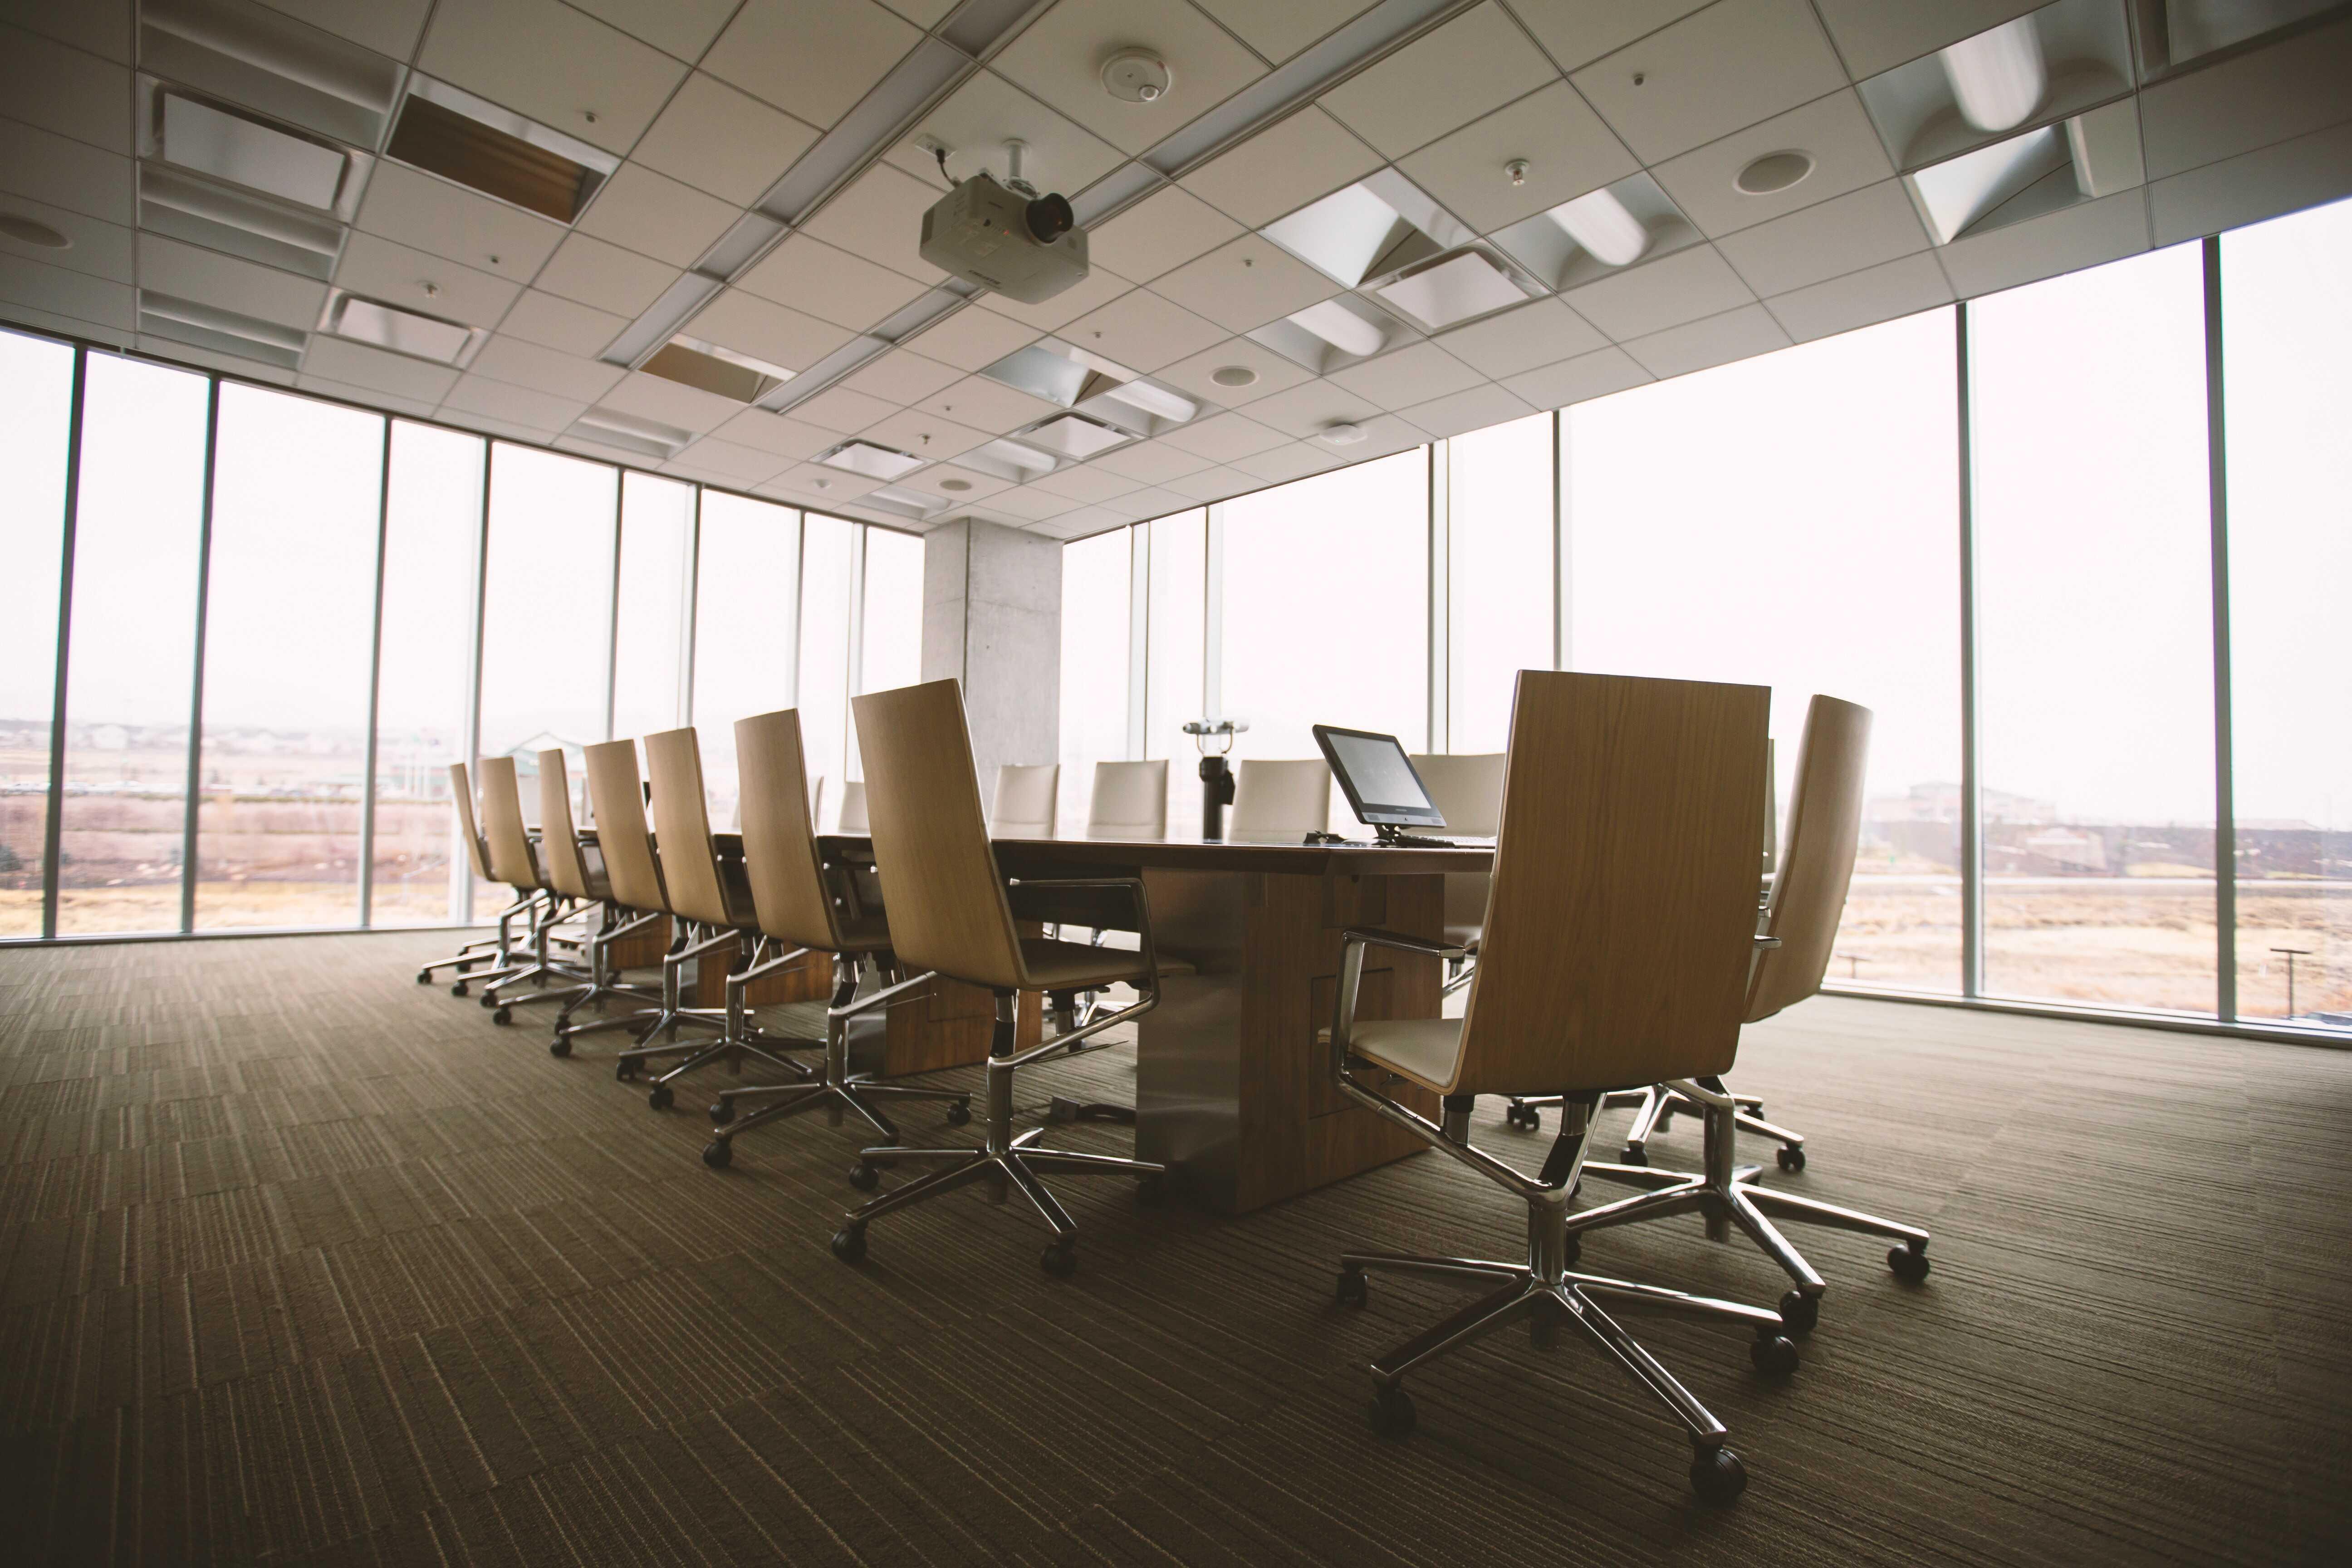 12 logiciels de visioconférence pour vos réunions à distance